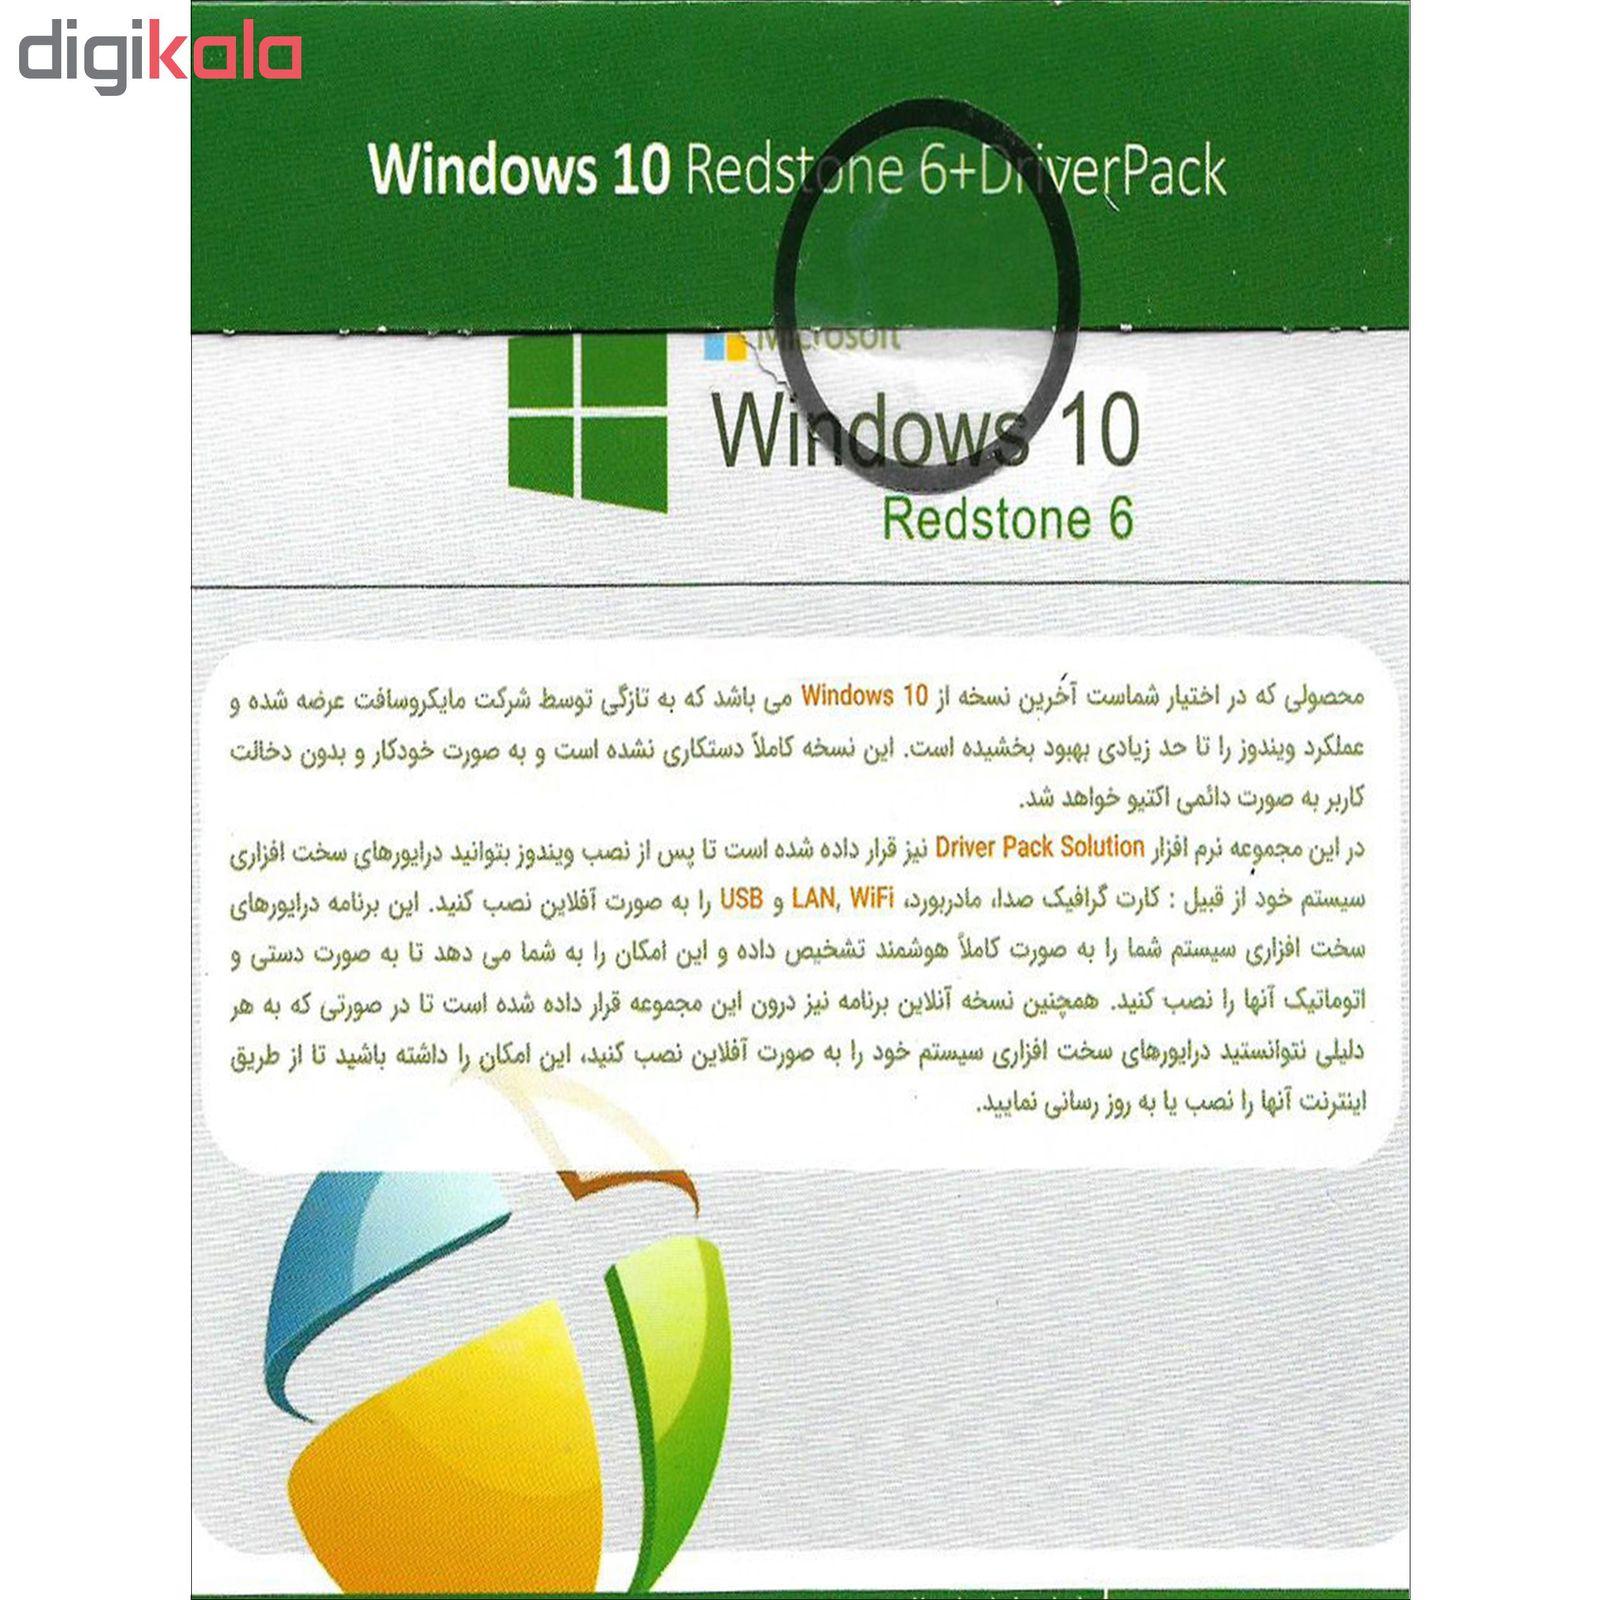 سیستم عامل windows 10  نسخه RedStone 6 نشر نوین پندار main 1 2